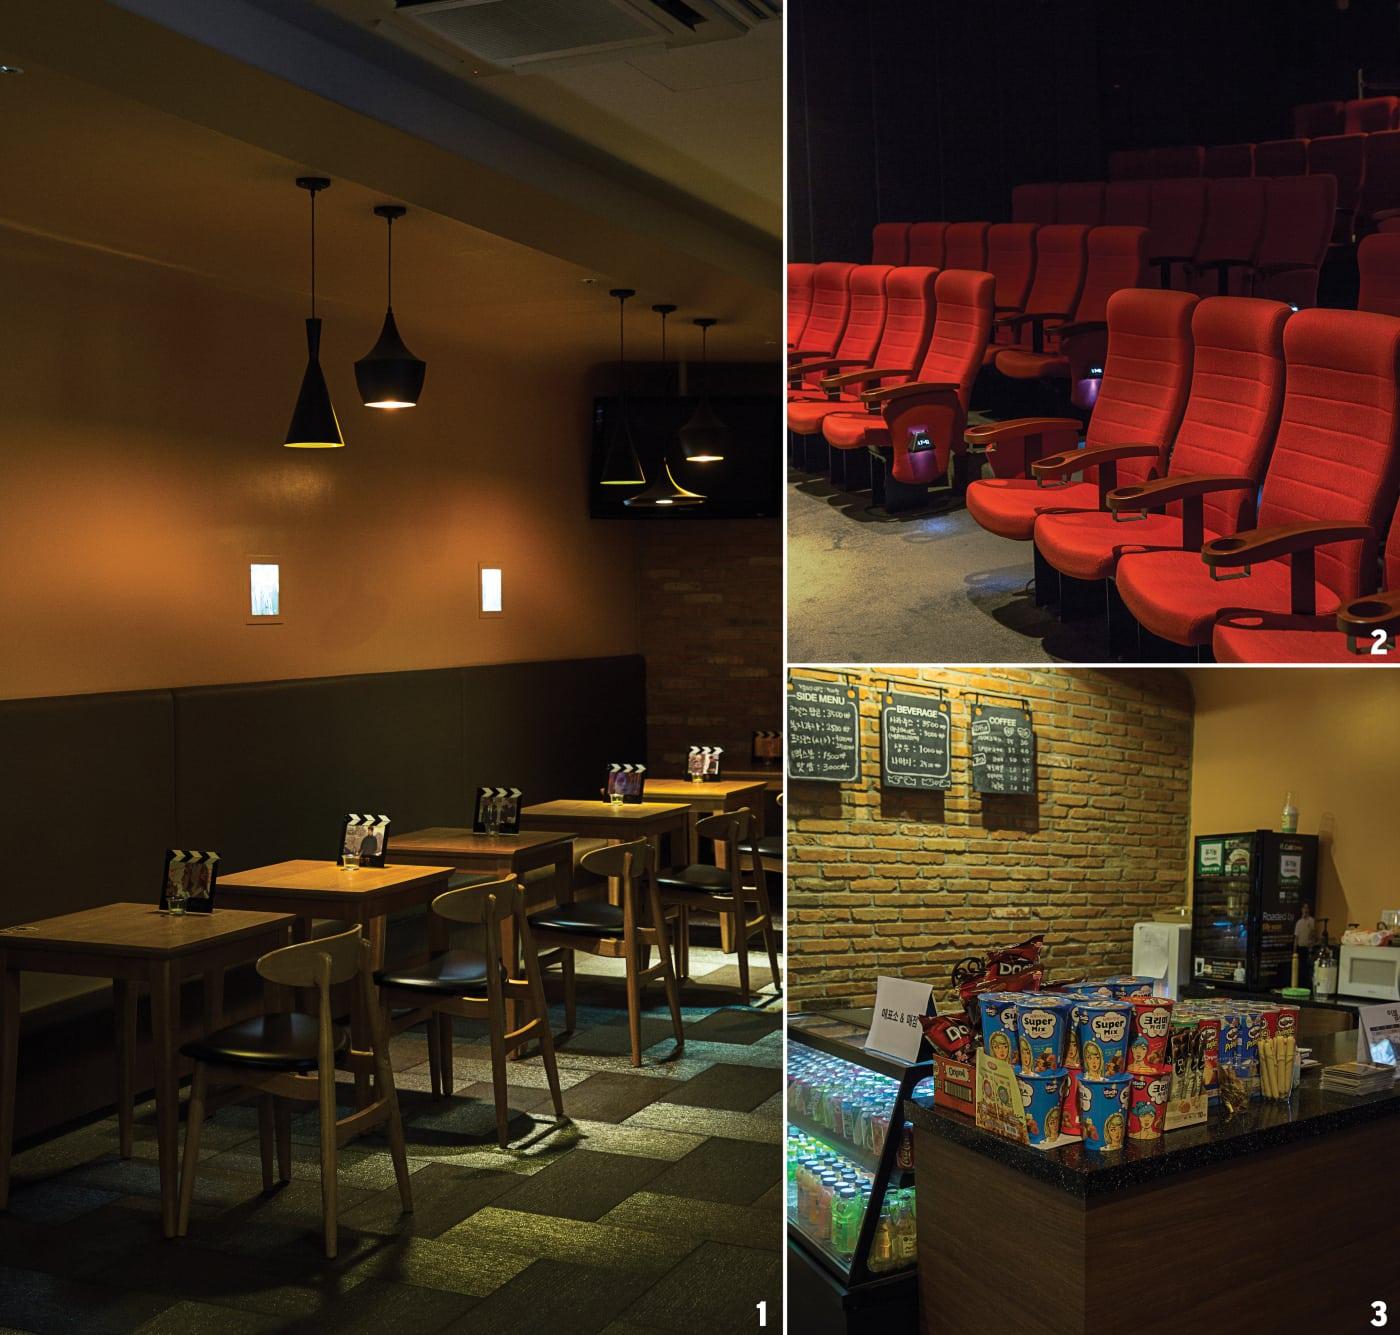 1 영화가 상영되기 전, 대기할 수 있는 내부 공간. 2 이봄시어터의 상영관 내부. 3 영화 표를 구입할 수 있는 매표소 겸 매점.